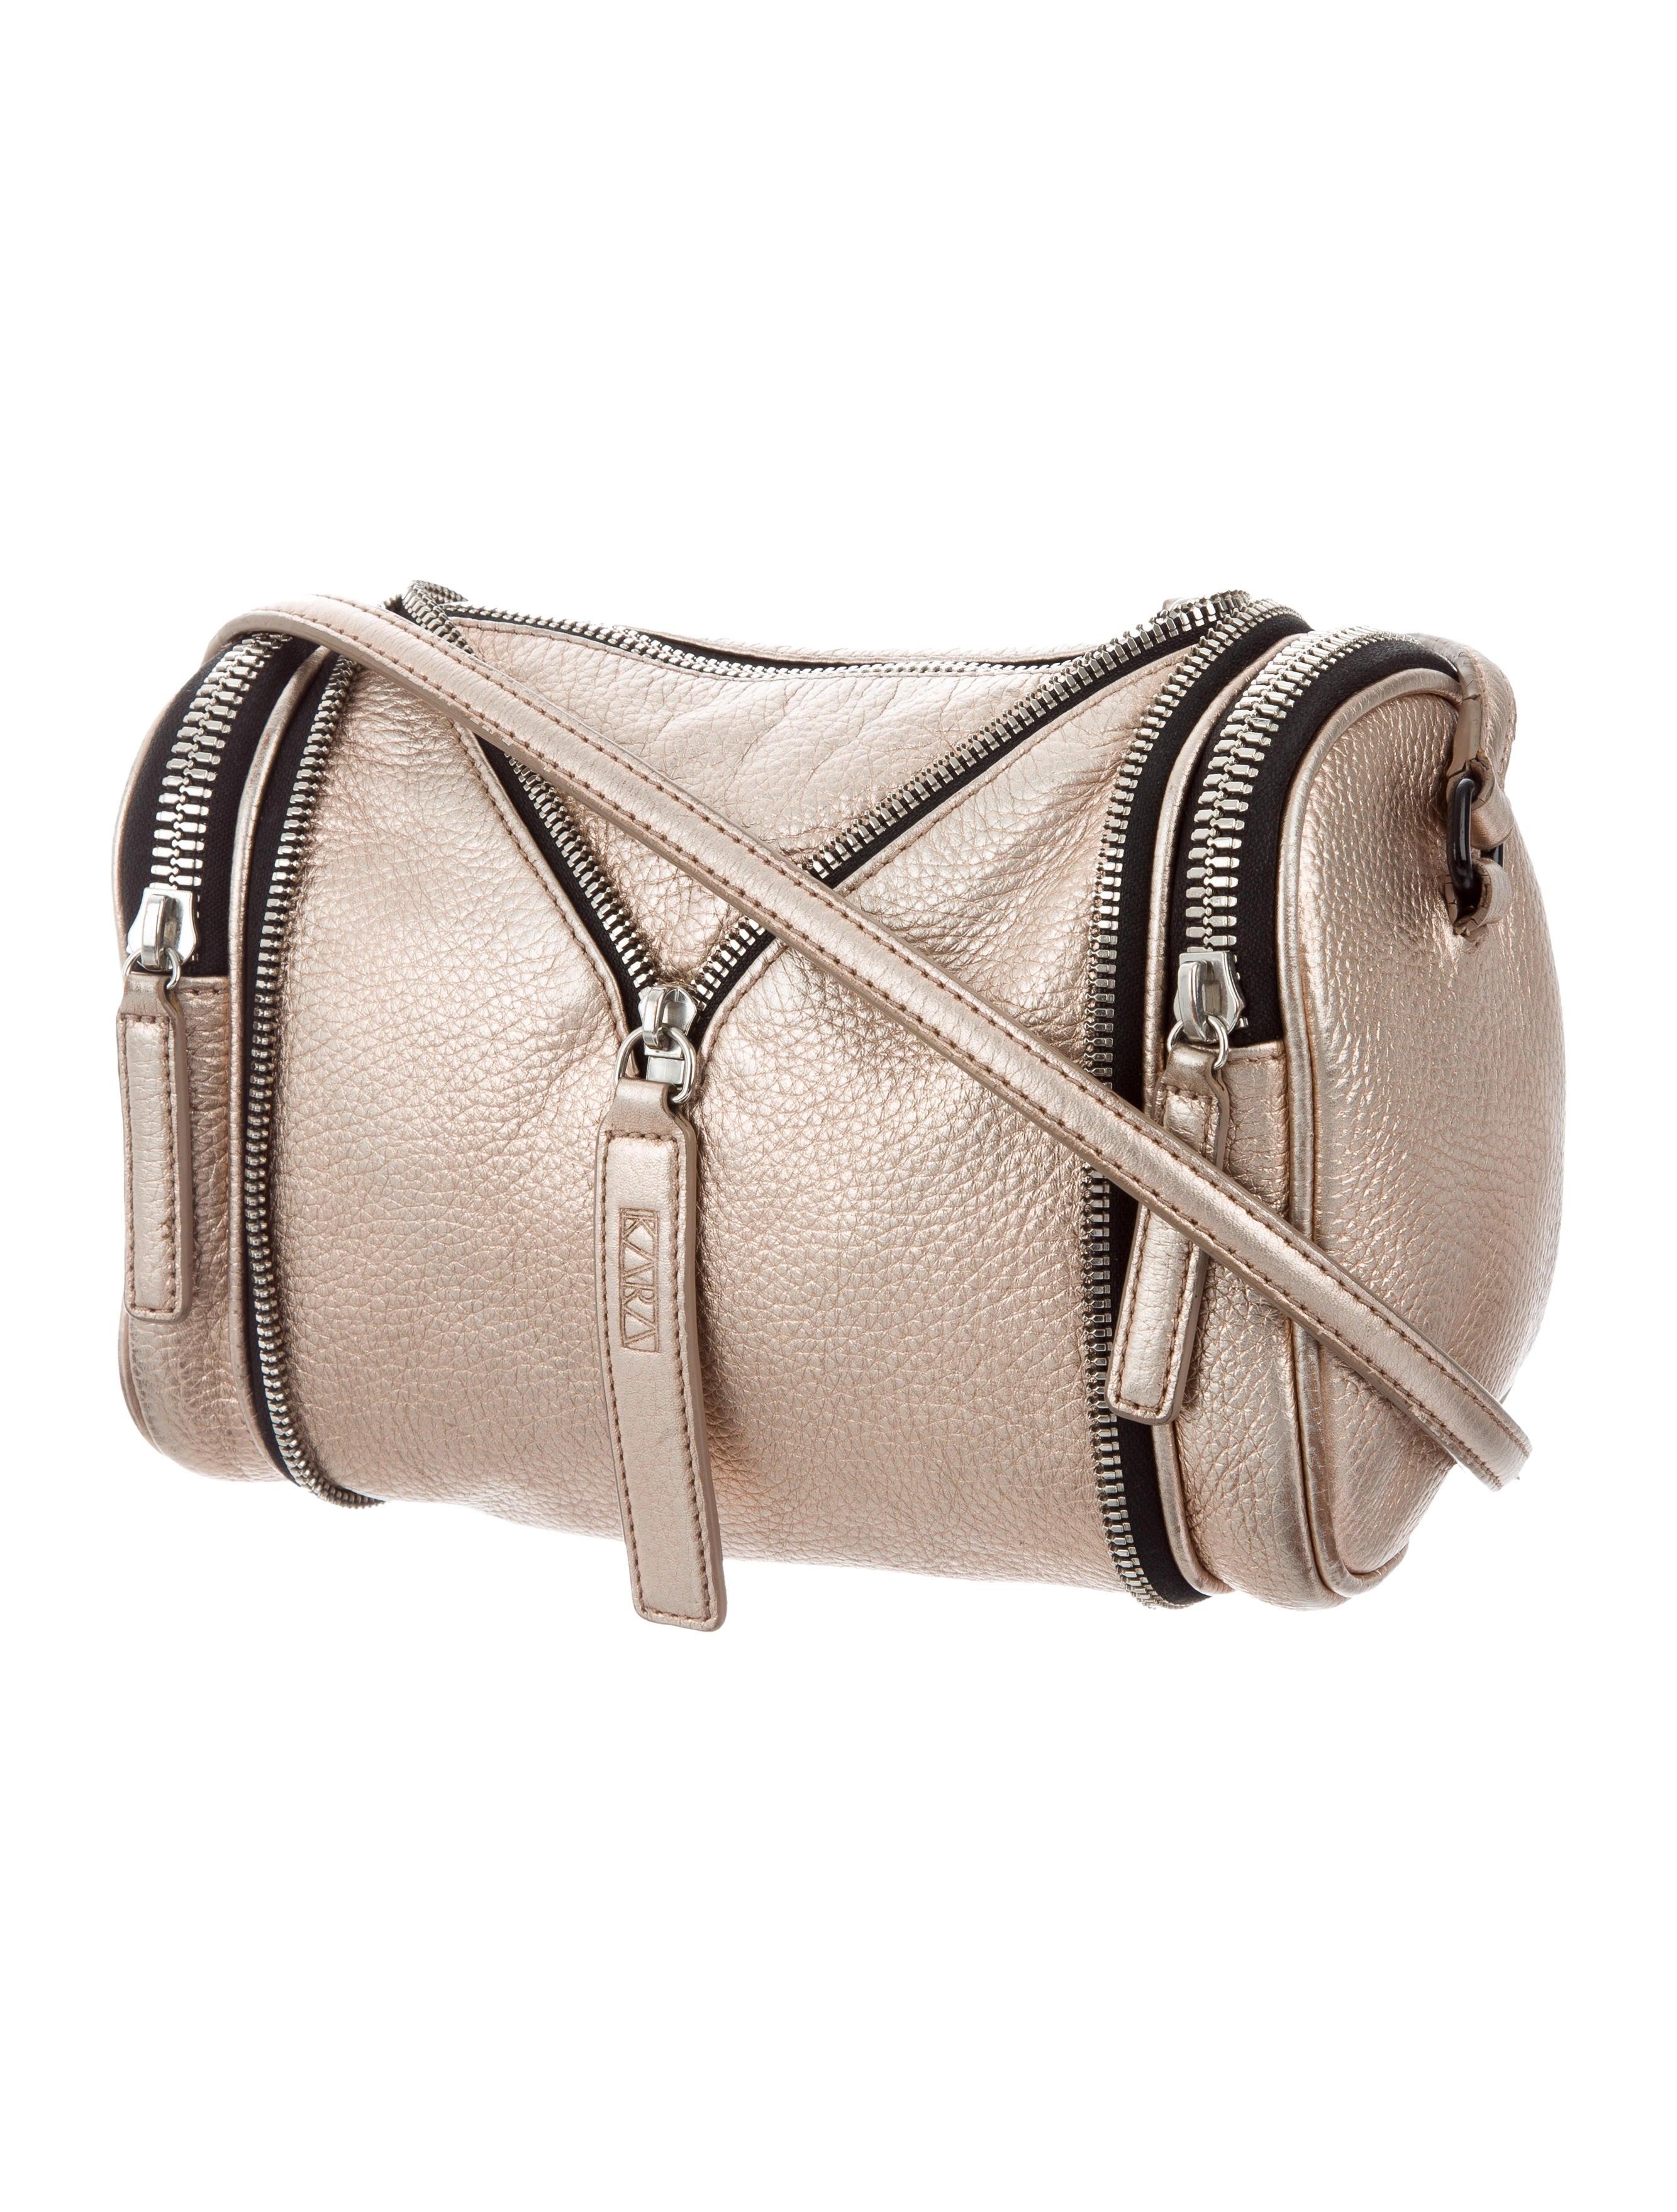 bag dating